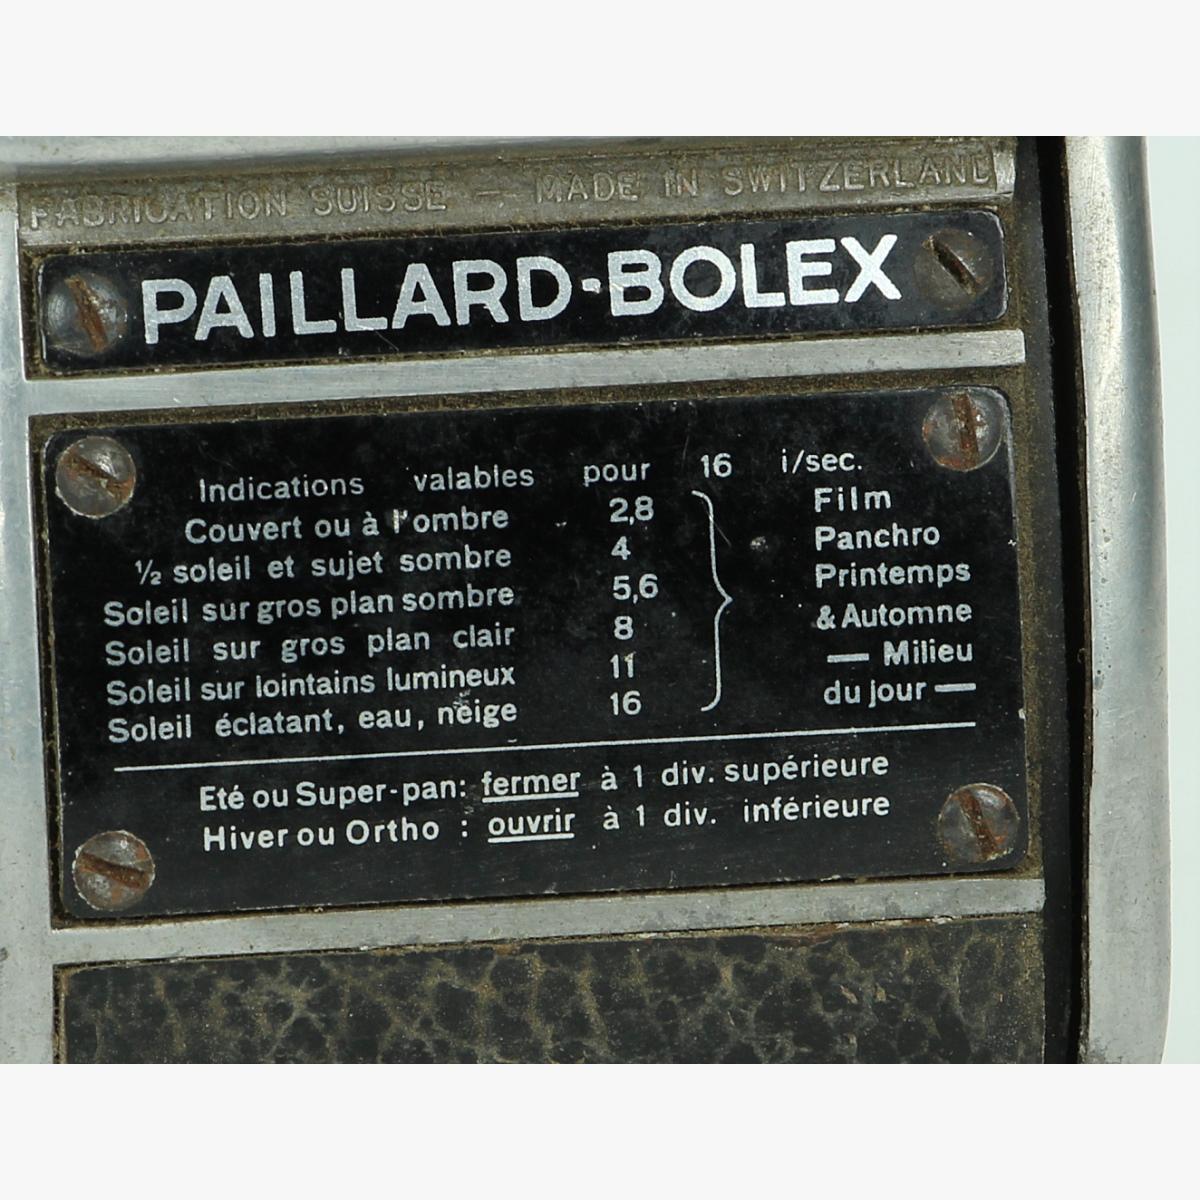 Afbeeldingen van videocamera pallard bolex